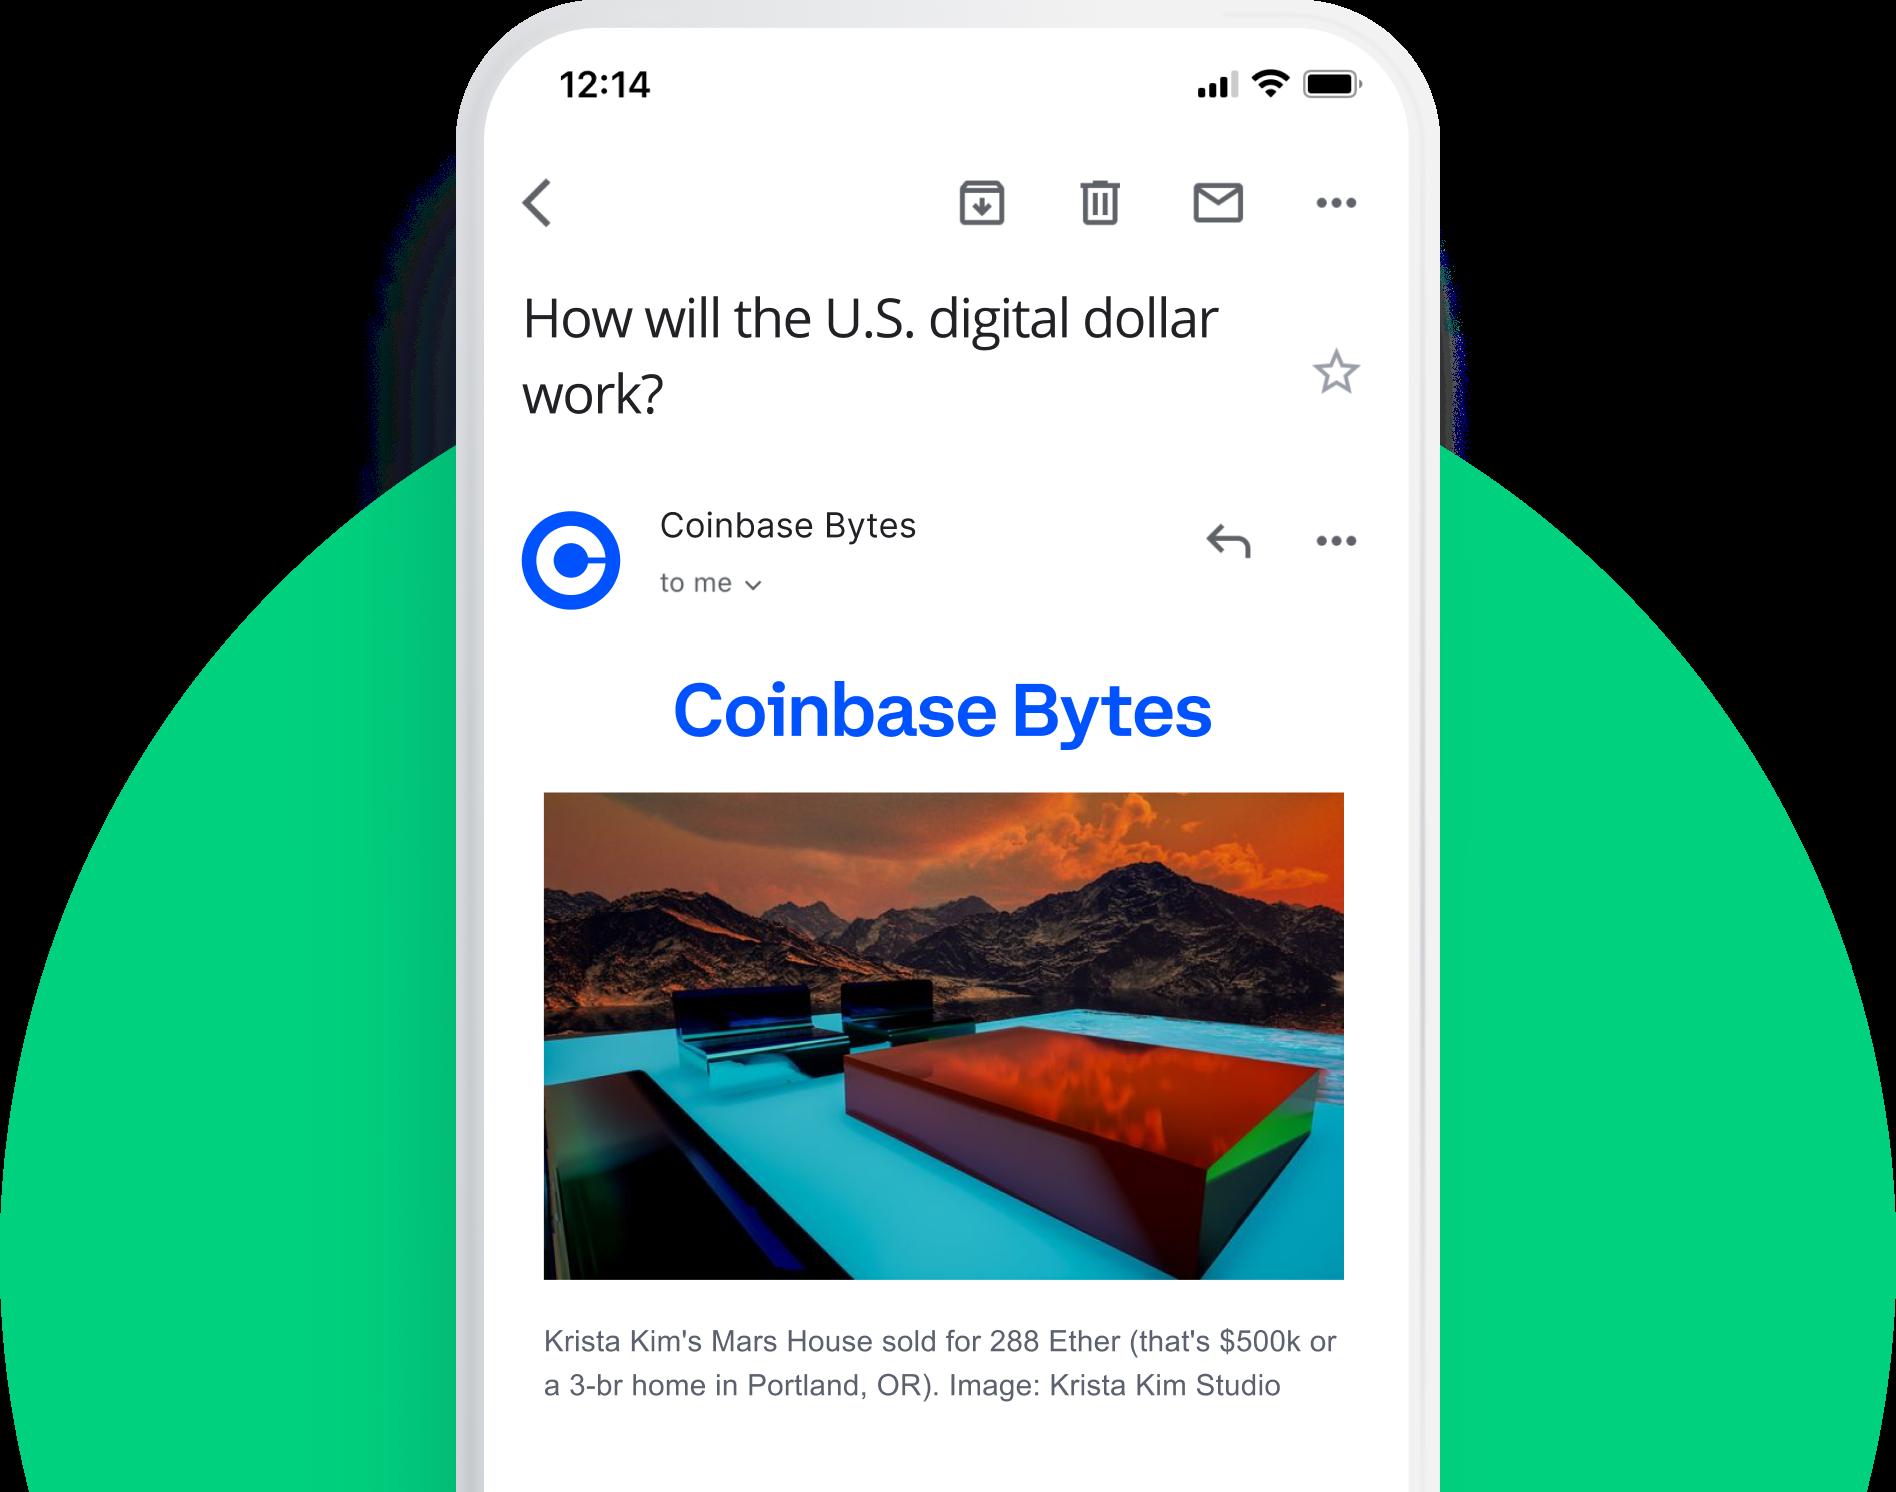 Coinbase Bytes Newsletter